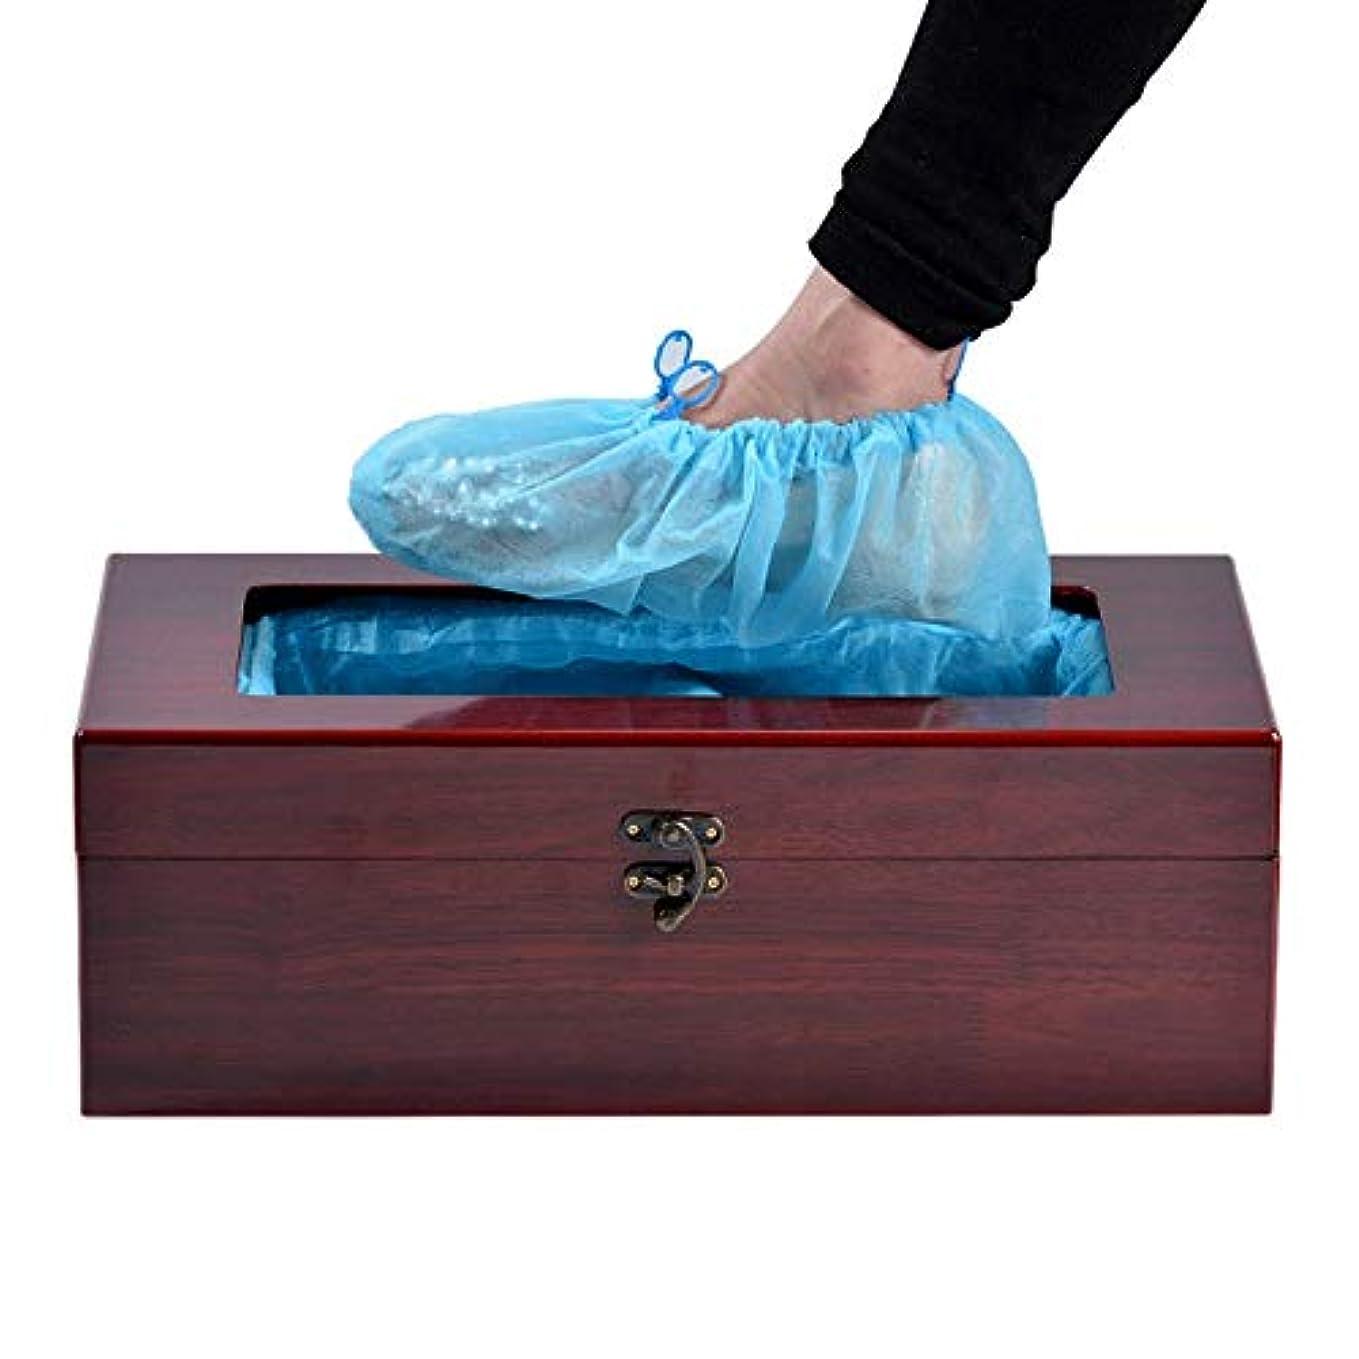 ステーキ寛容カートン新しい靴カバーマシン新しいホーム自動インテリジェントオフィス靴マシン使い捨て靴カバーマシンフットカバーマシンフィルムマシン